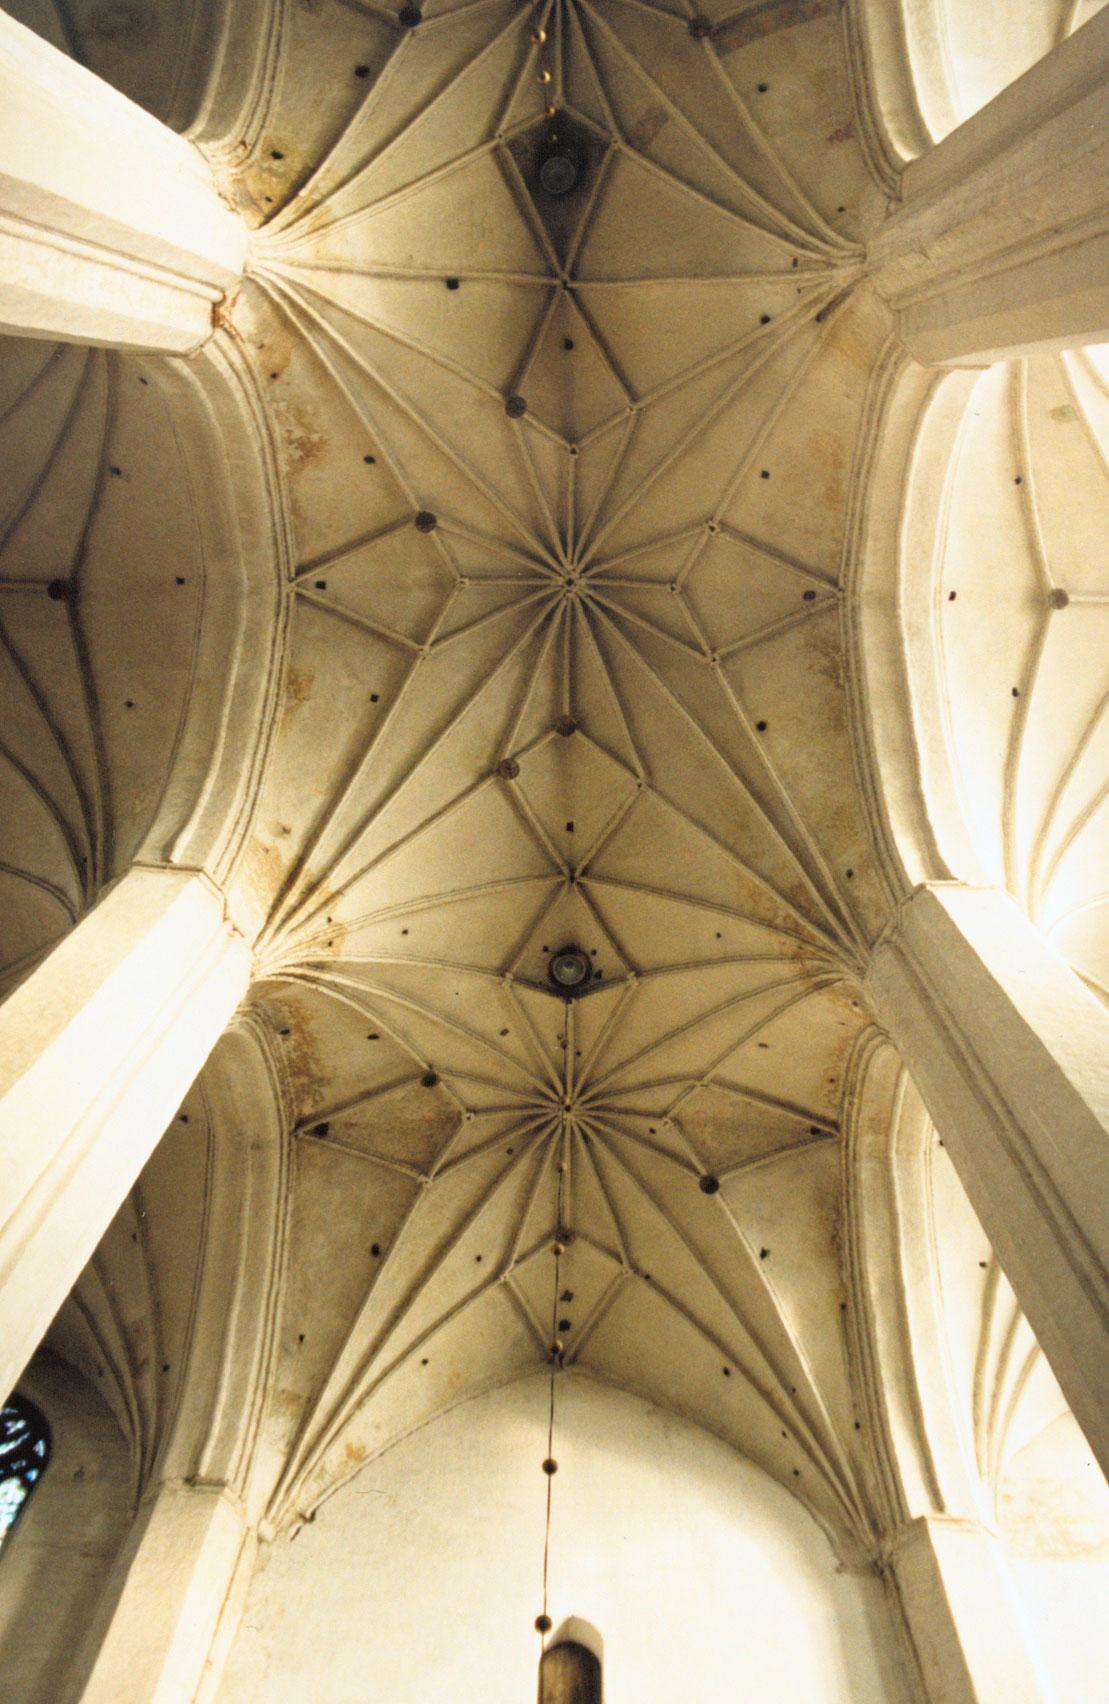 Bóveda de crucería en la catedral de San Juan Bautista y San Juan Evangelista, Toruń (Polonia).